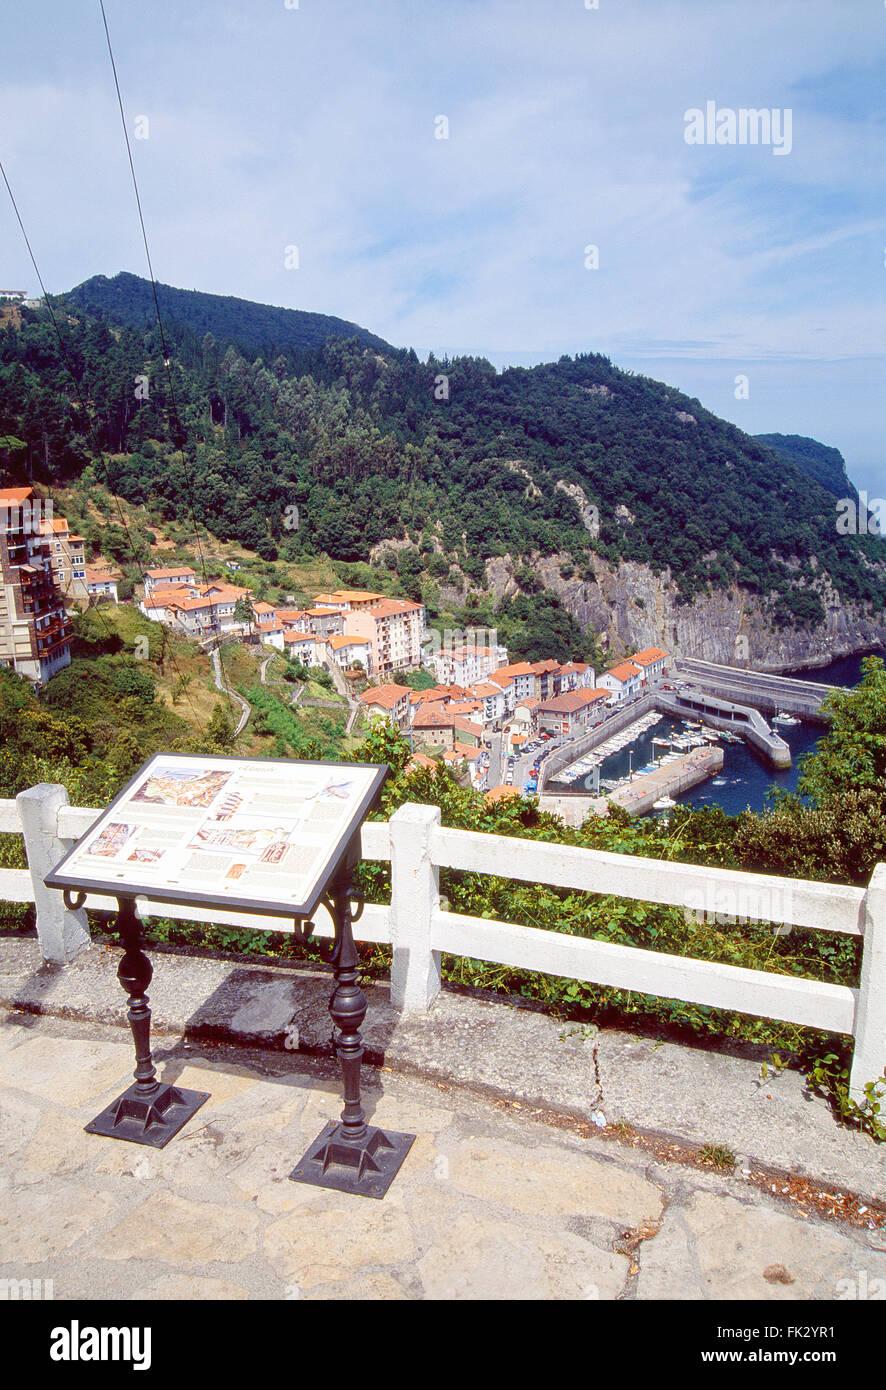 Sicht über das Dorf. Elantxobe, Vizcaya Provinz, Baskisches Land, Spanien. Stockbild